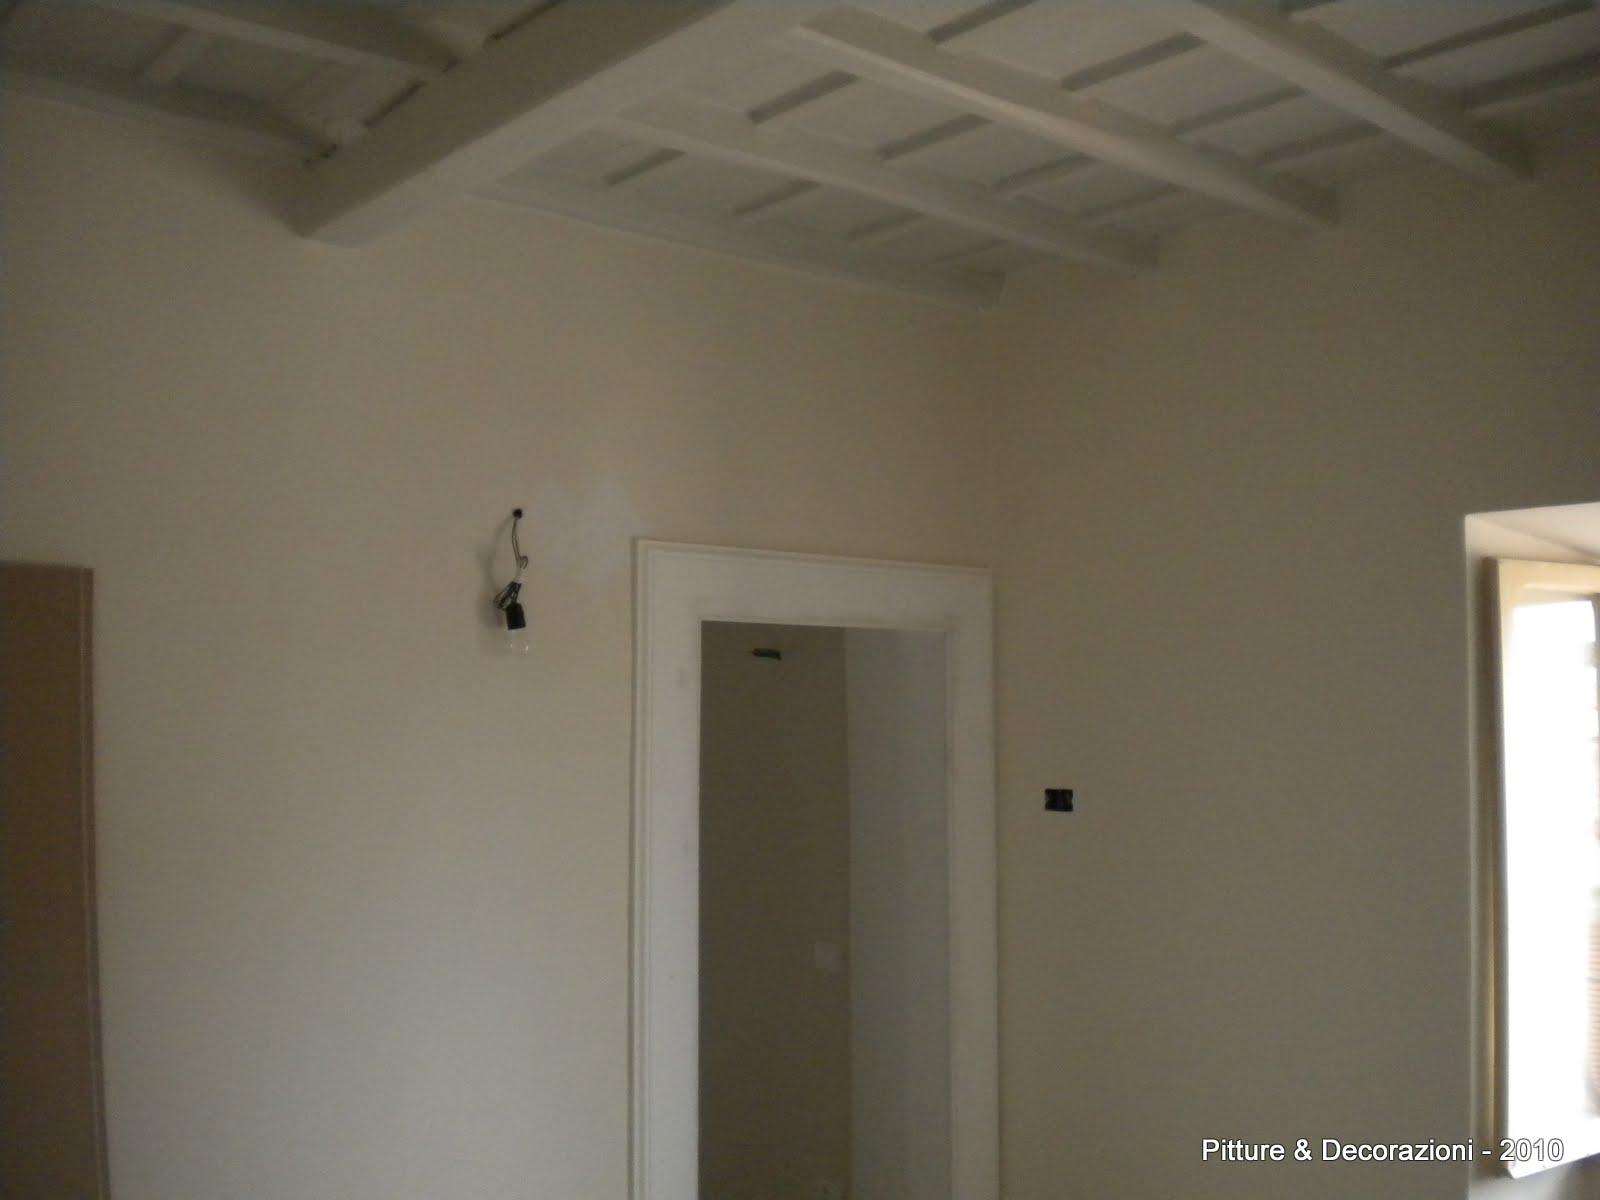 Controsoffitto In Cartongesso Translate : Pro e contro delle pareti in cartongesso